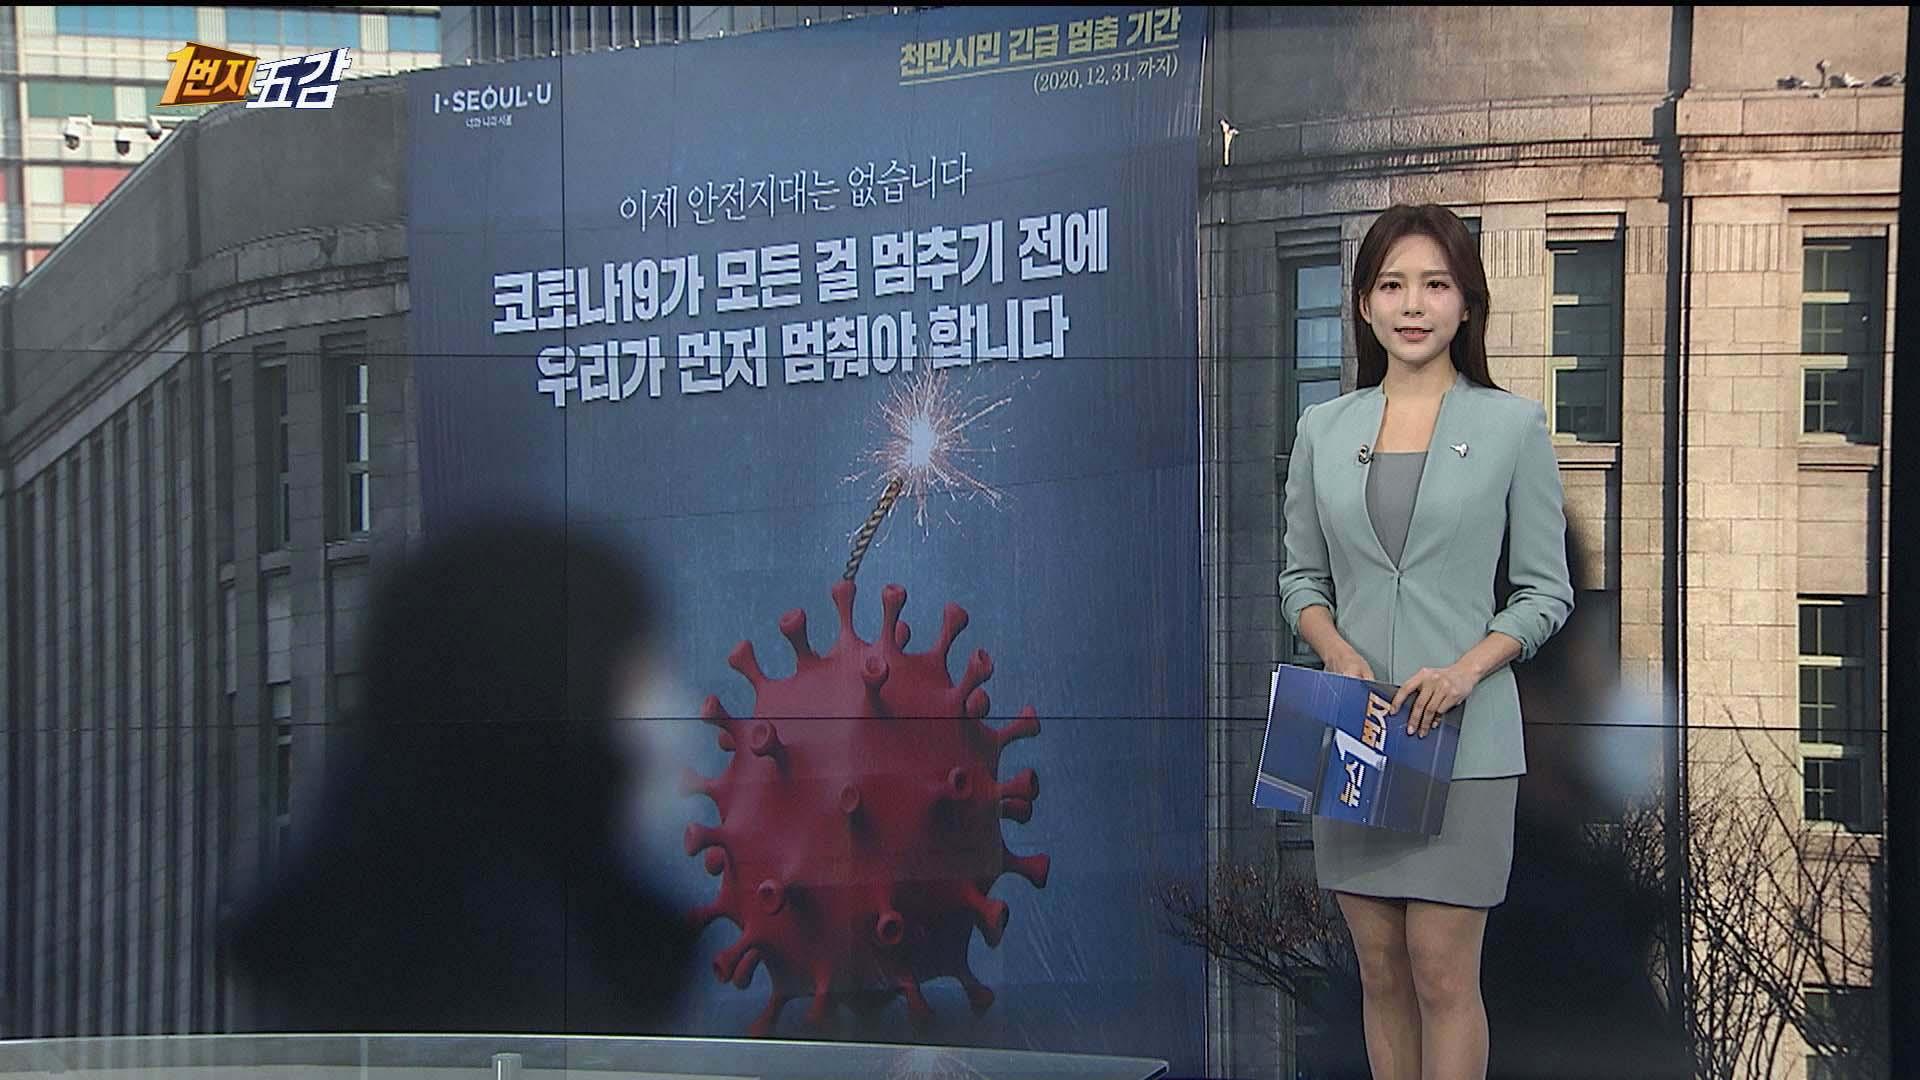 """[1번지五감] """"우리가 먼저 멈춰요""""…'서울시 긴급 멈춤' 外"""